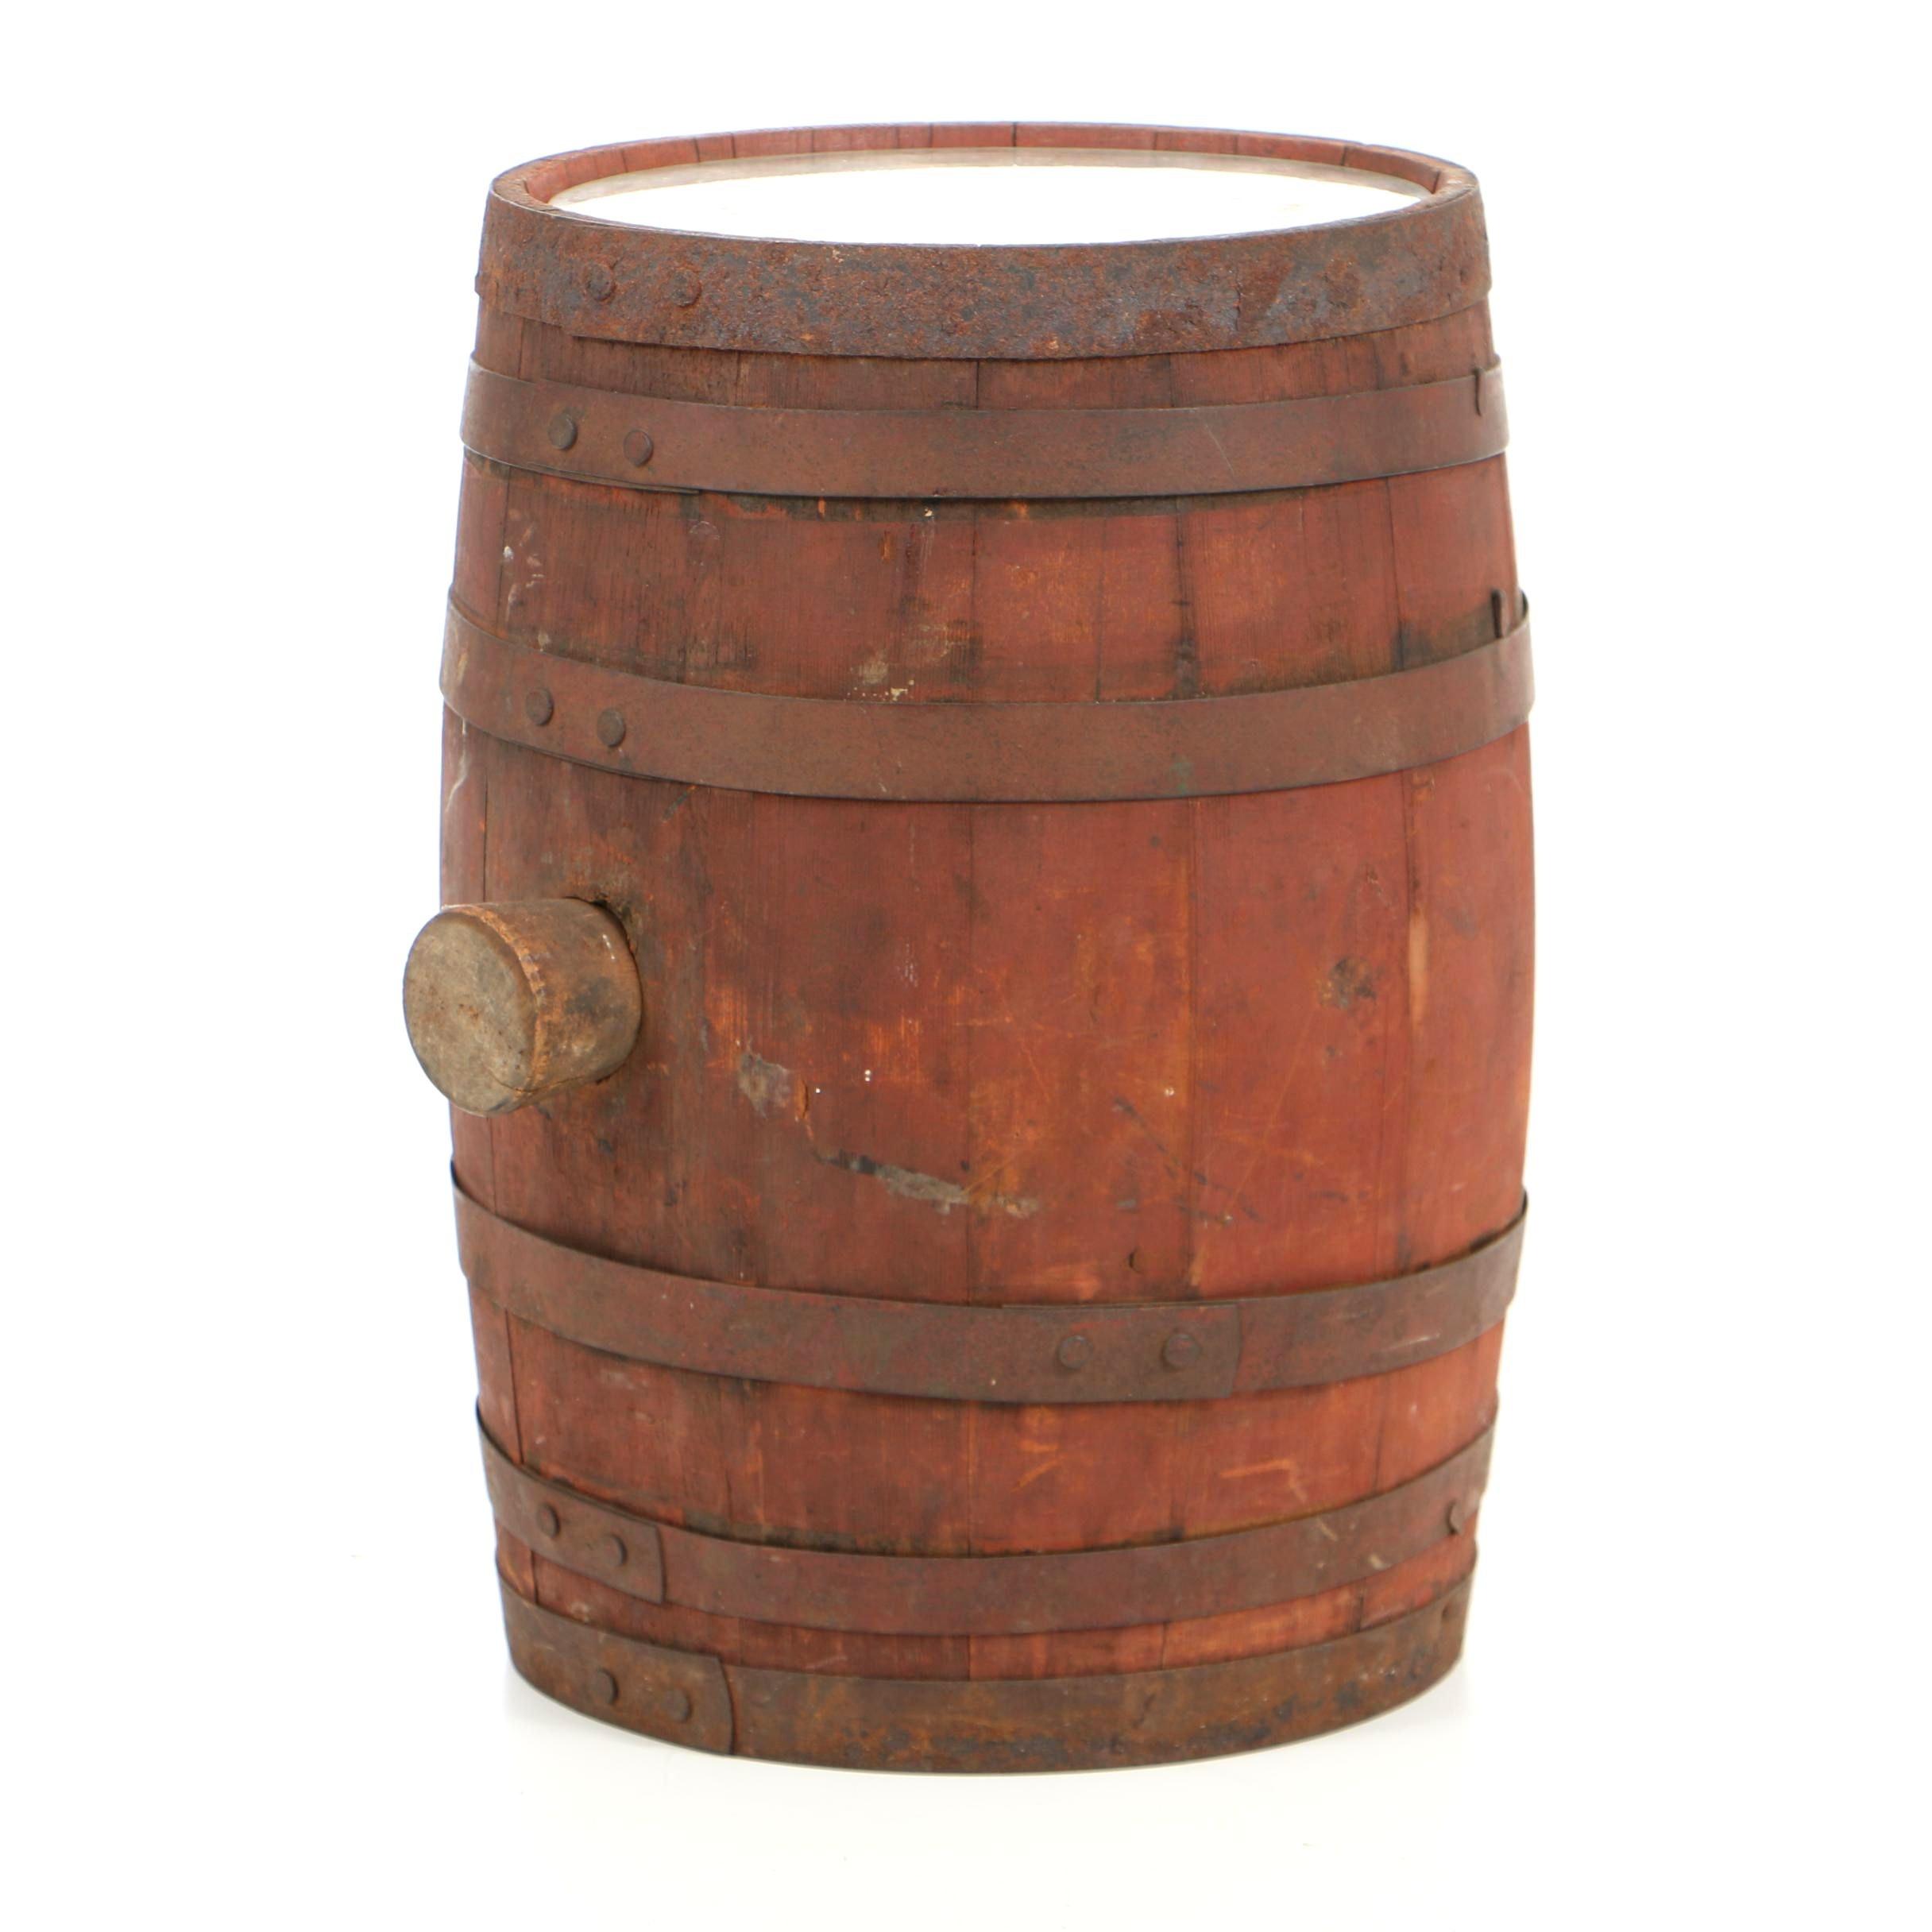 Vintage Coca-Cola Five Gallon Syrup Barrel with Original Label